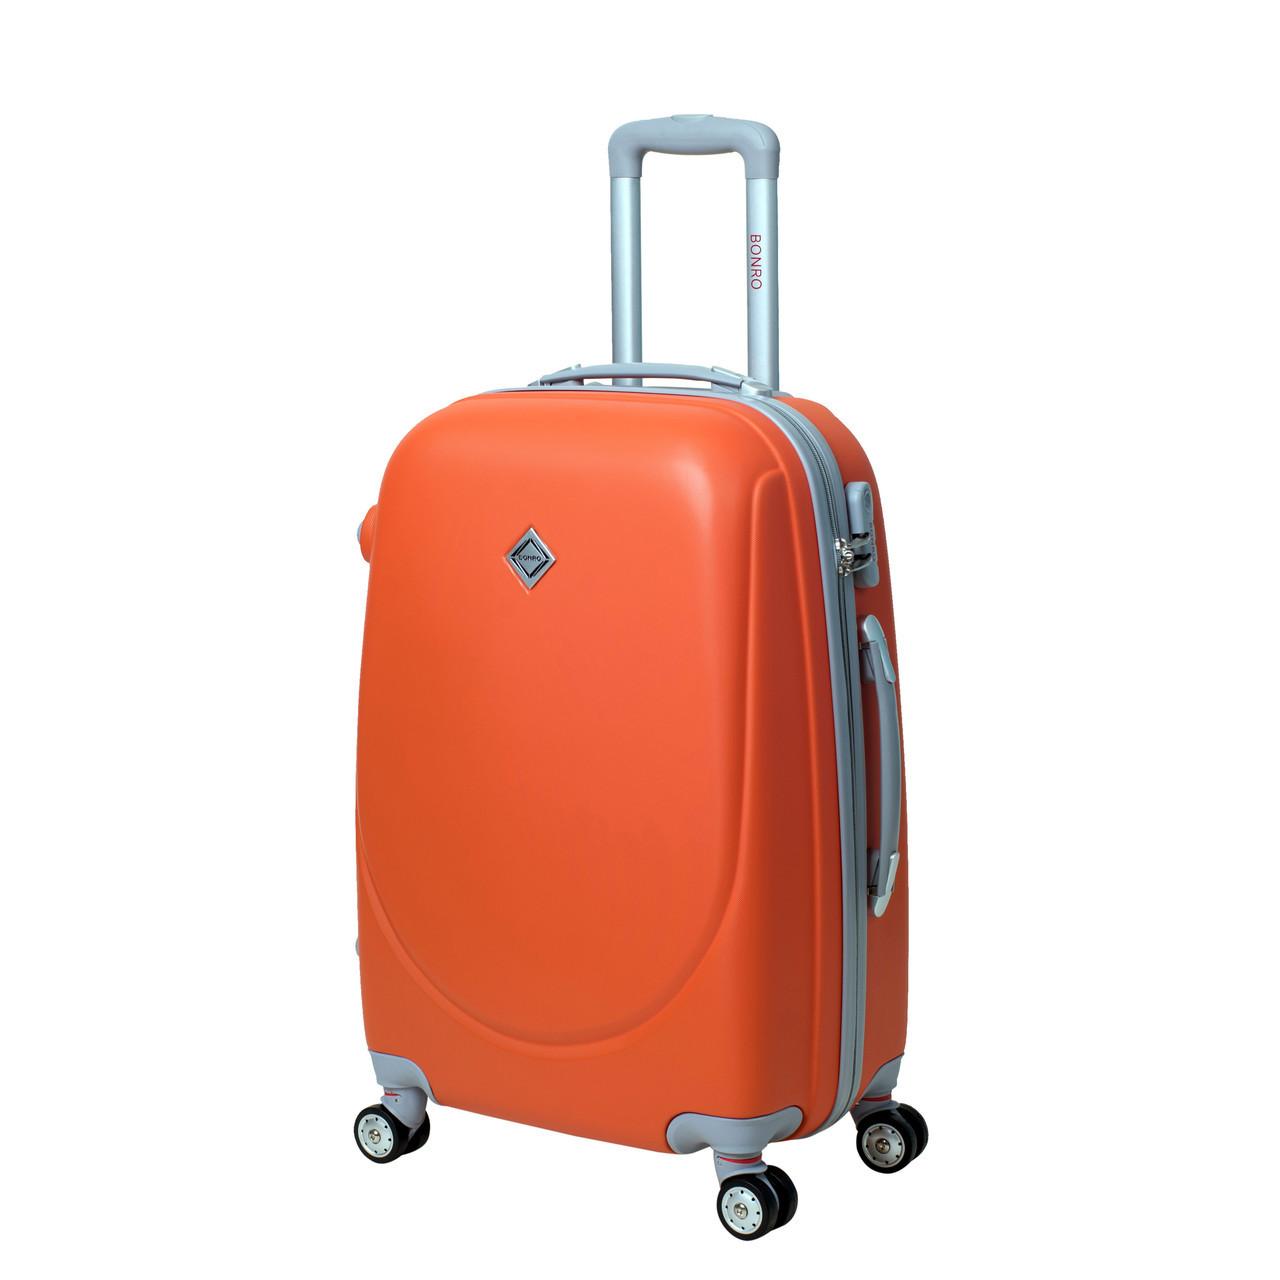 Чемодан Bonro Smile с двойными колесами (большой) оранжевый (37)